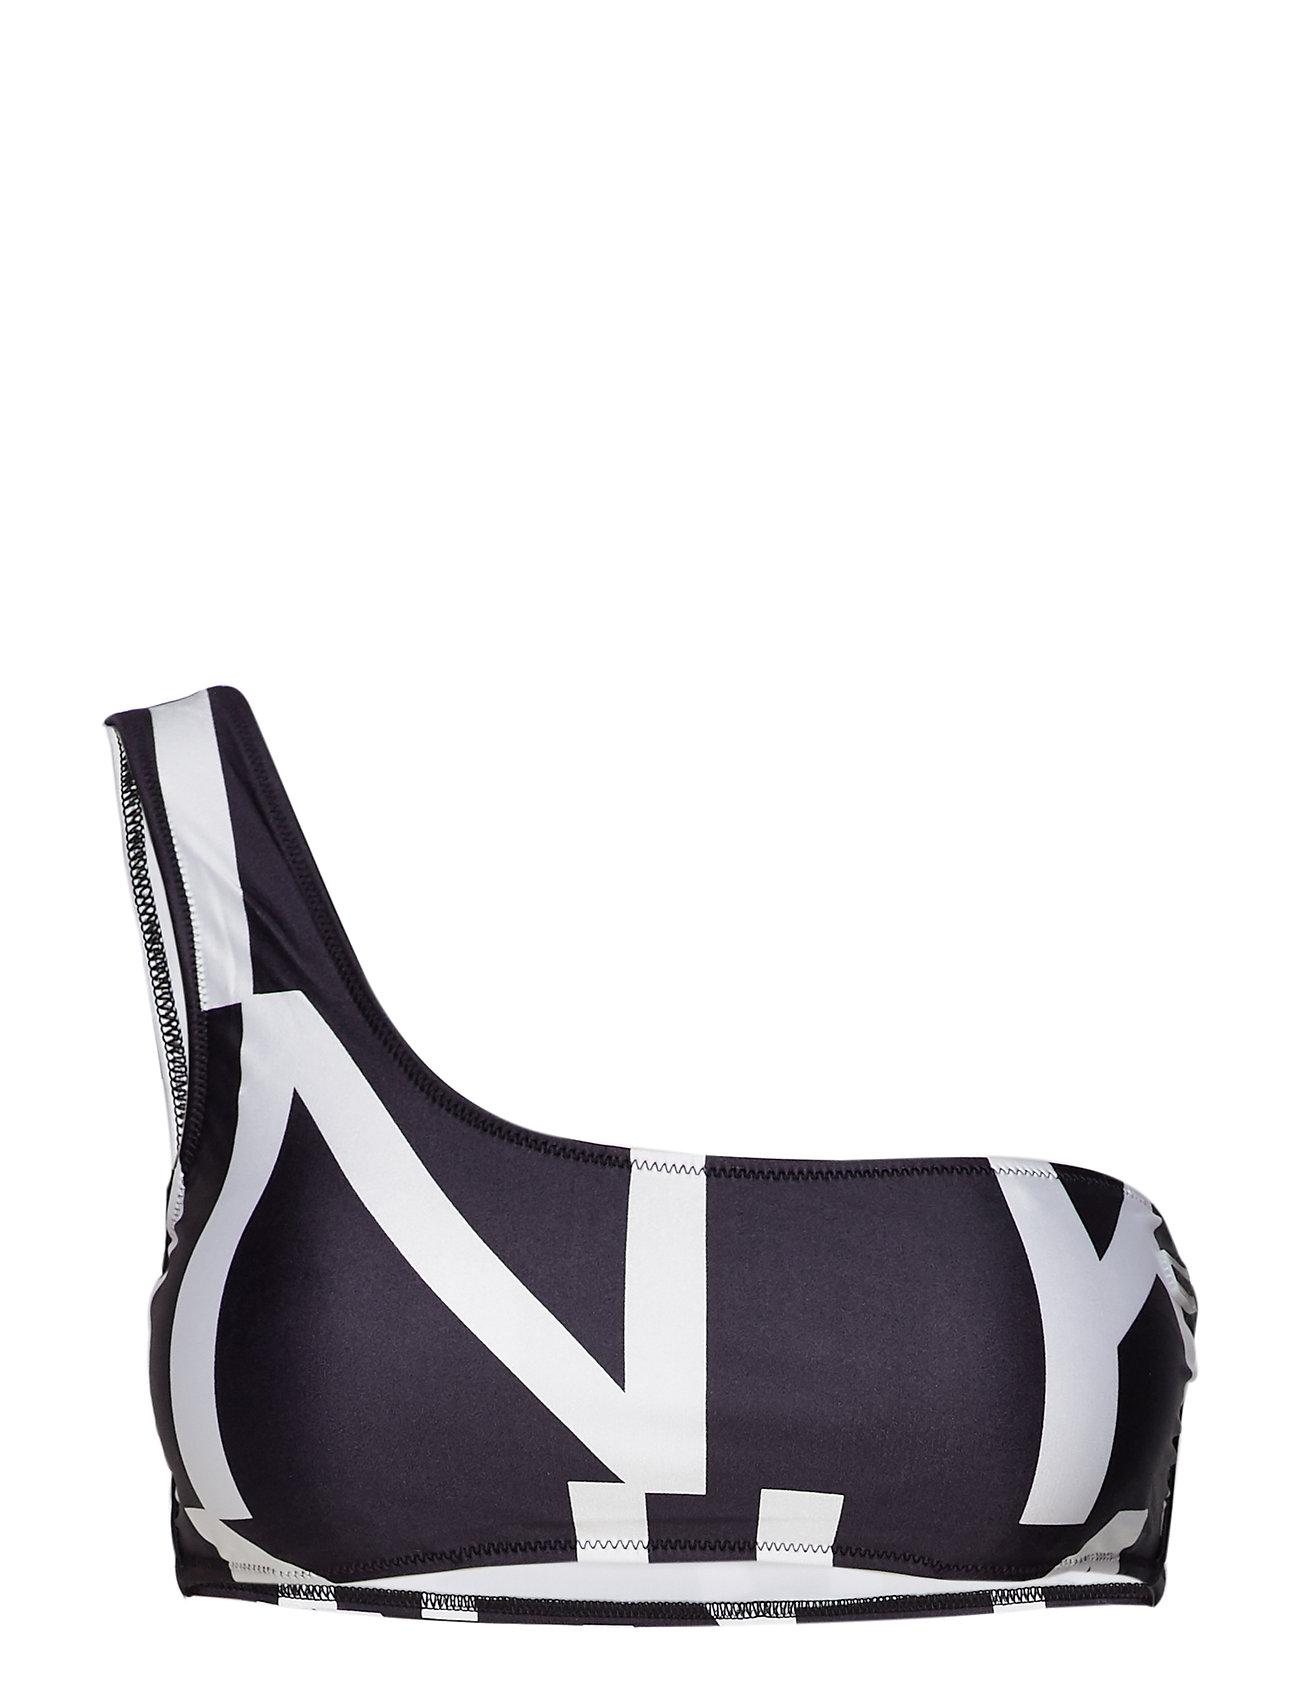 Calvin Klein ONE SHOULDER BRALETTE - KLEIN ABSTRACT BLACK